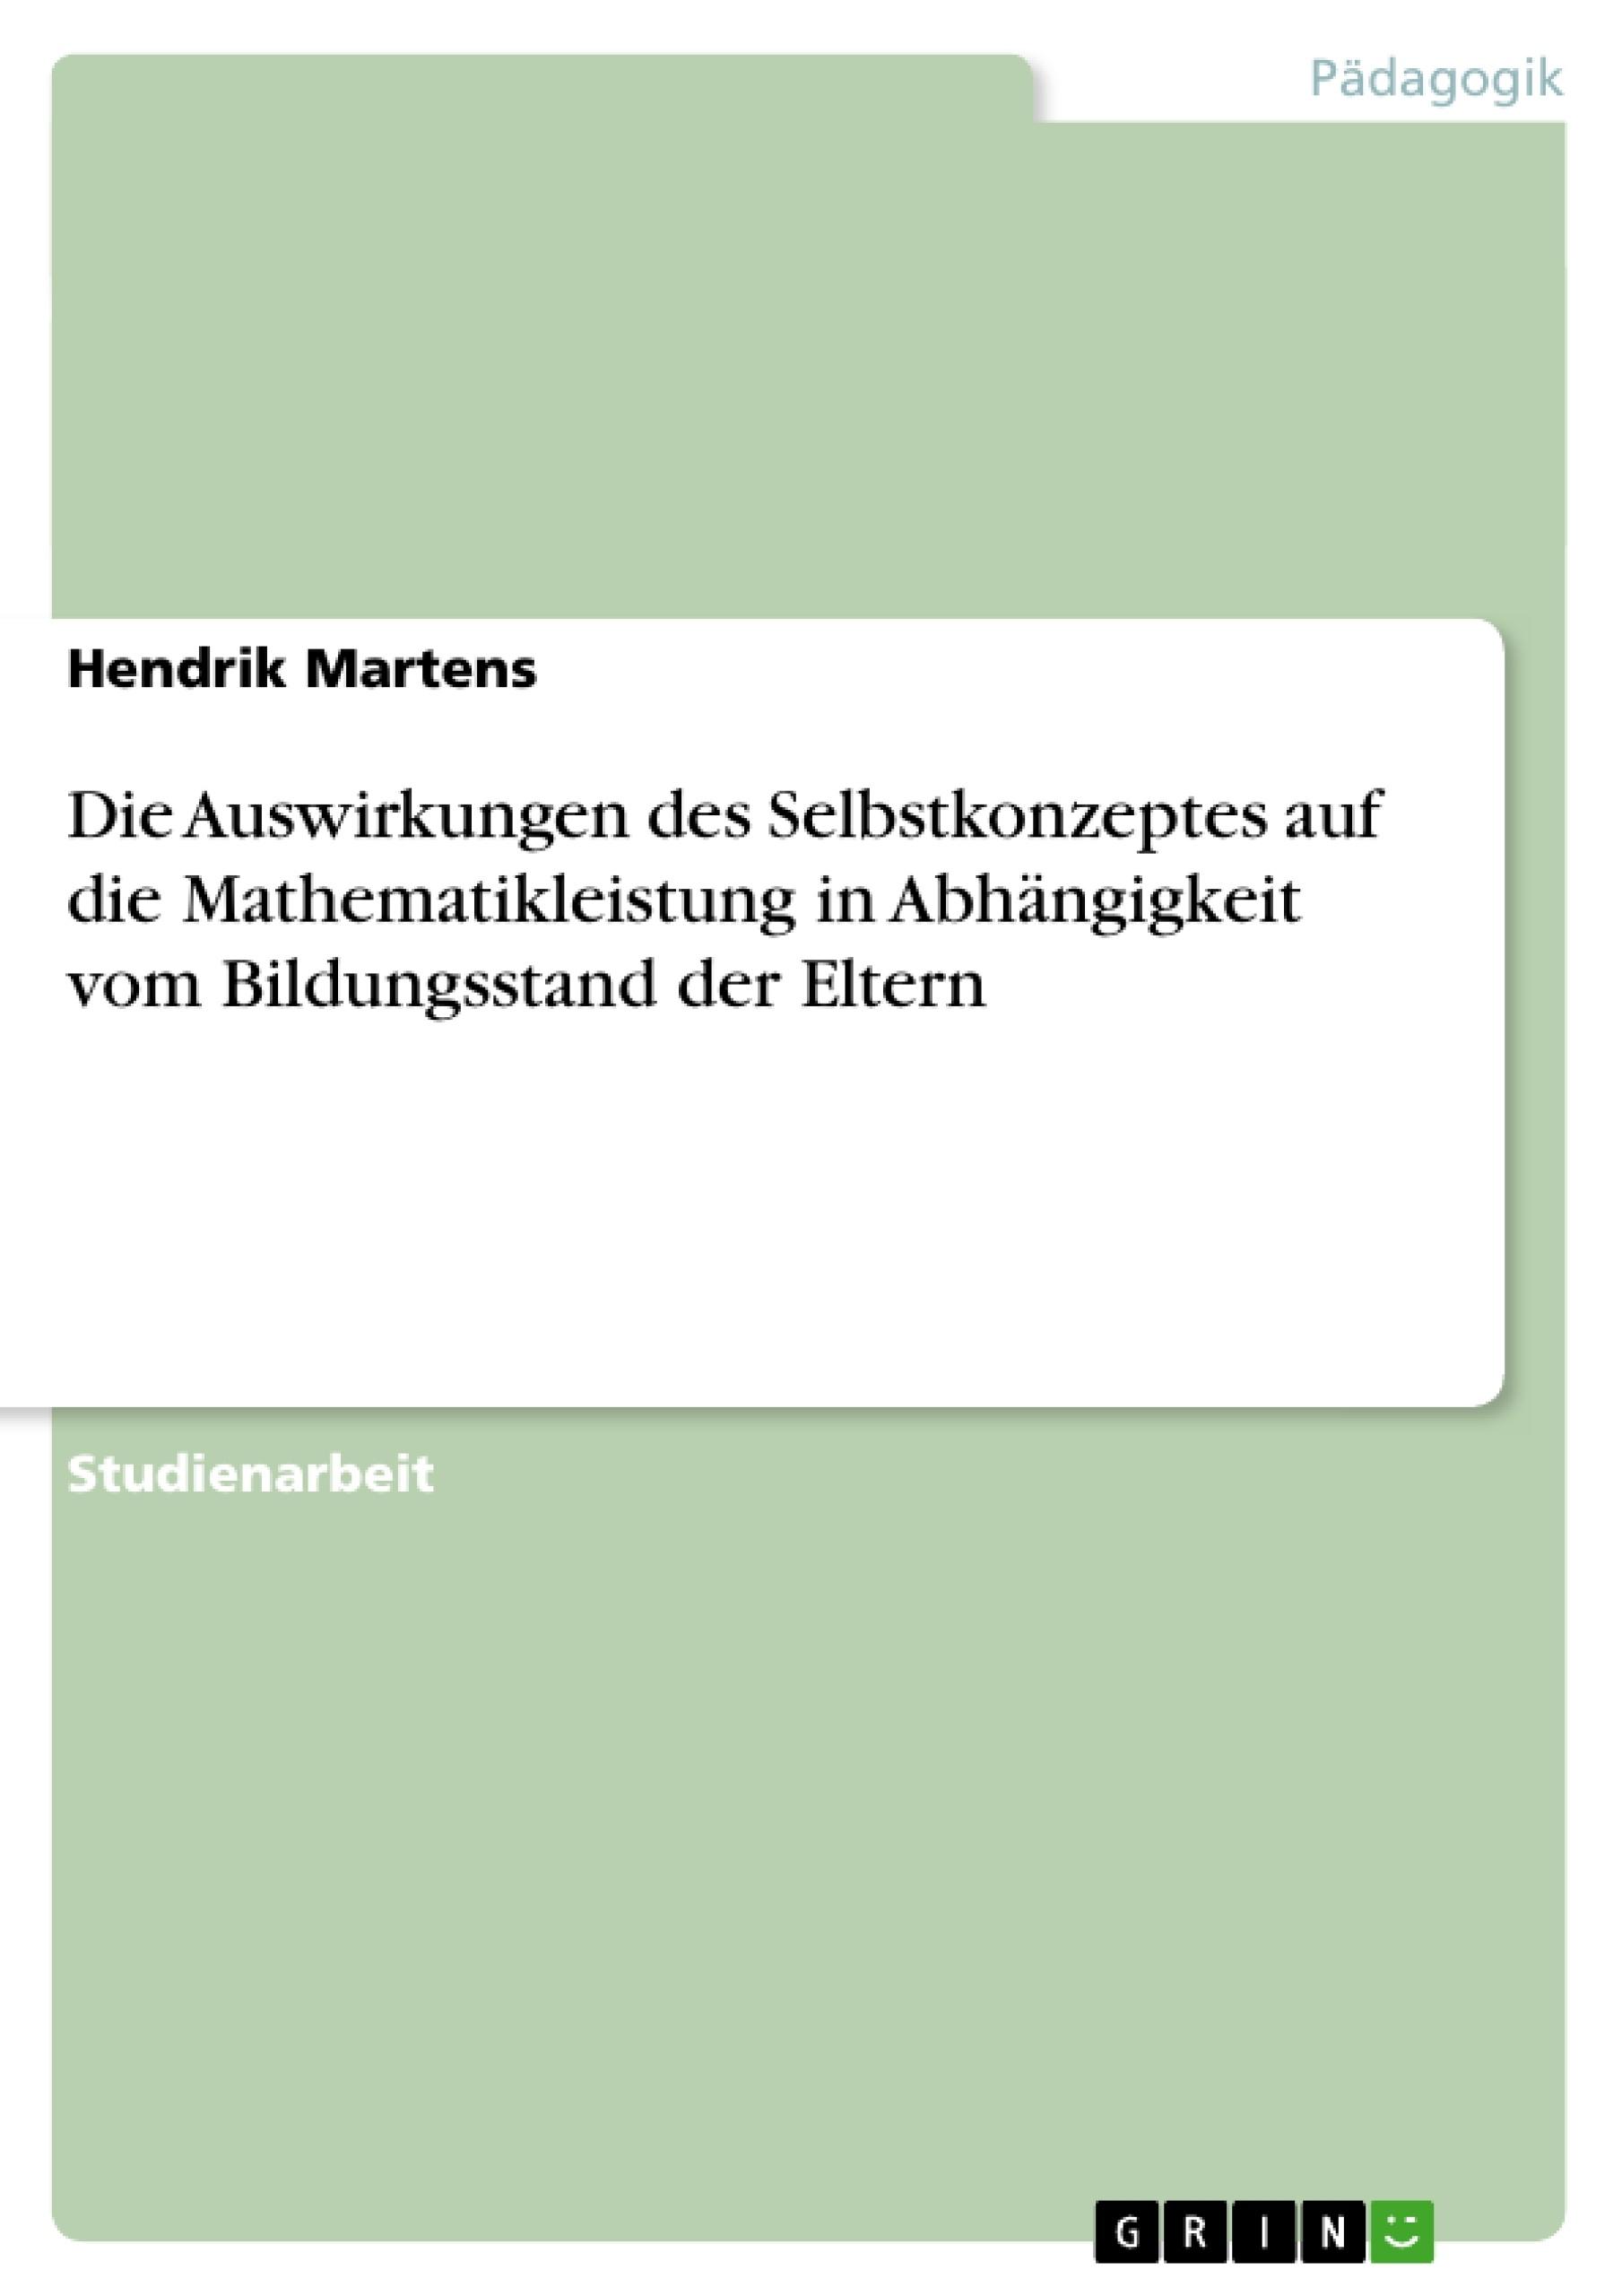 Titel: Die Auswirkungen des Selbstkonzeptes auf die Mathematikleistung in Abhängigkeit vom Bildungsstand der Eltern